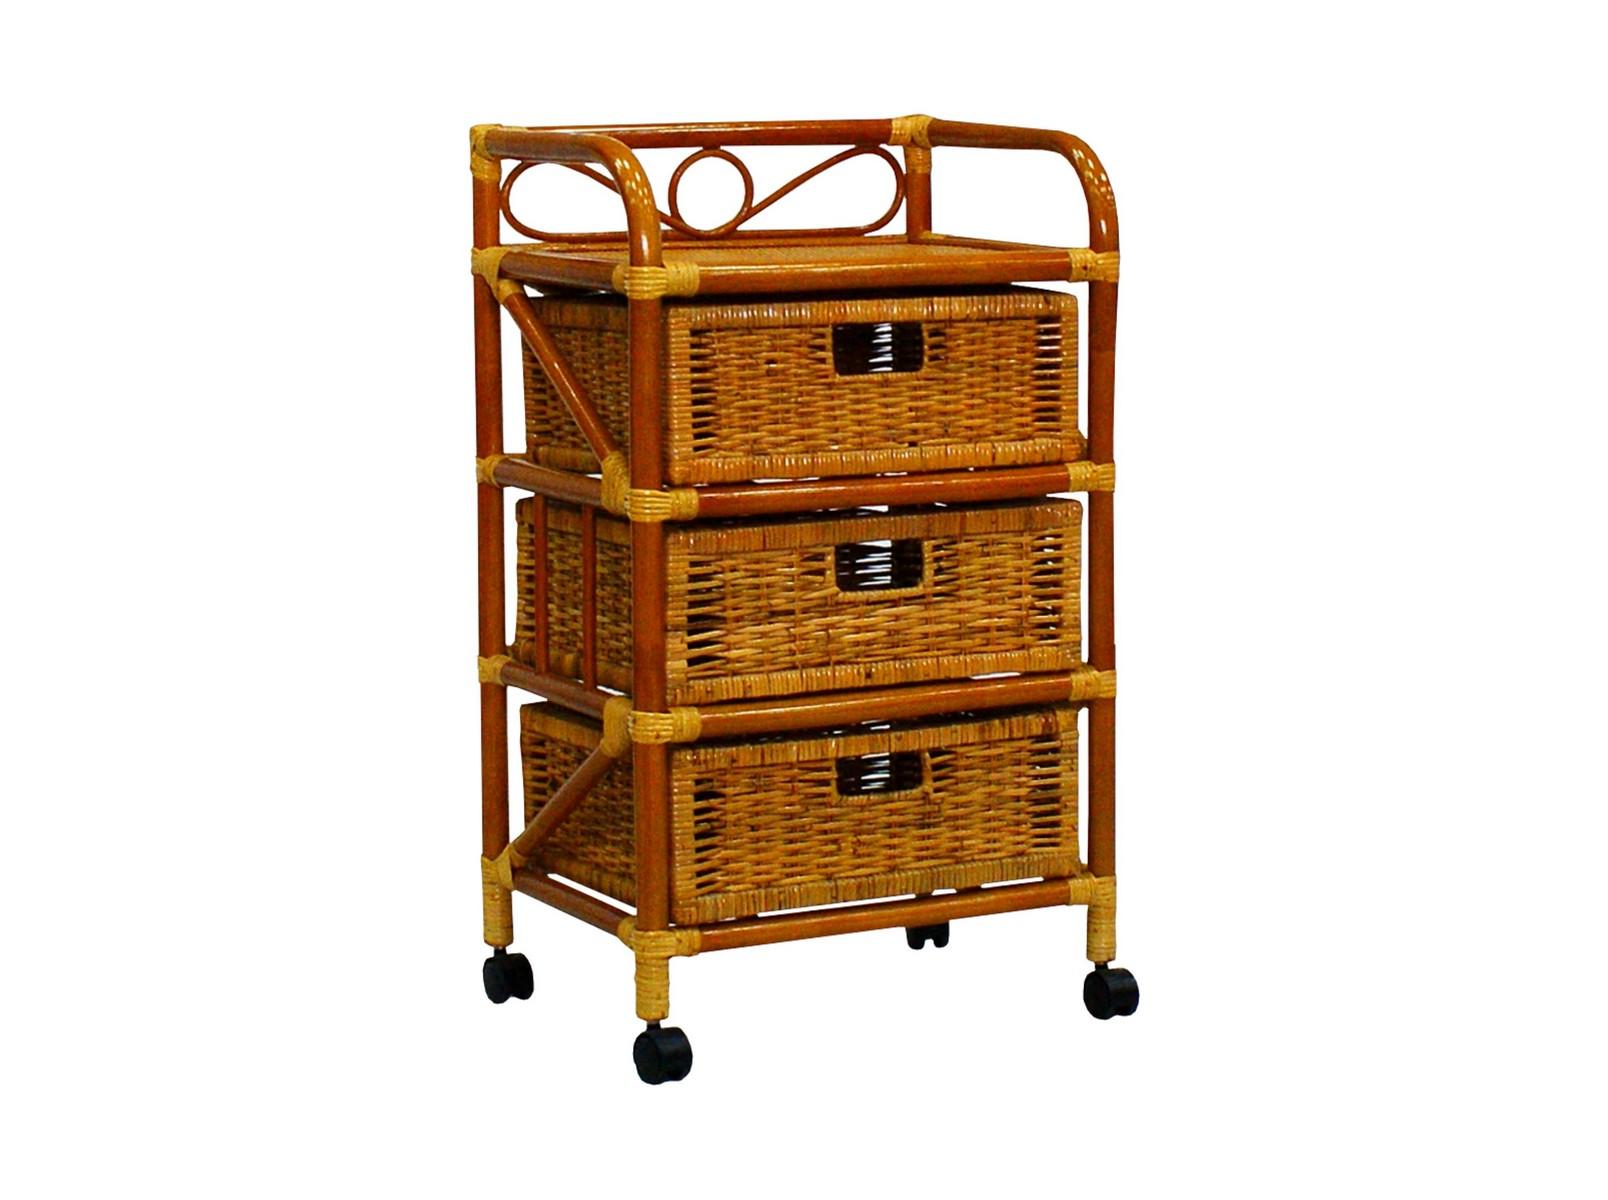 Комод с плетеными ящикамиБельевые комоды<br>Ротанг — гибкое и прочное растение, мебель из ротанга может выдерживать большой вес. Важным достоинством комода из ротанга является его легкость.&amp;lt;div&amp;gt;&amp;lt;br&amp;gt;&amp;lt;/div&amp;gt;&amp;lt;div&amp;gt;Цвет: коньячный&amp;lt;/div&amp;gt;&amp;lt;div&amp;gt;Особенности:  на колесиках&amp;lt;/div&amp;gt;&amp;lt;div&amp;gt;Вес: 6,5 кг&amp;lt;/div&amp;gt;<br><br>Material: Ротанг<br>Width см: 48<br>Depth см: 36<br>Height см: 81